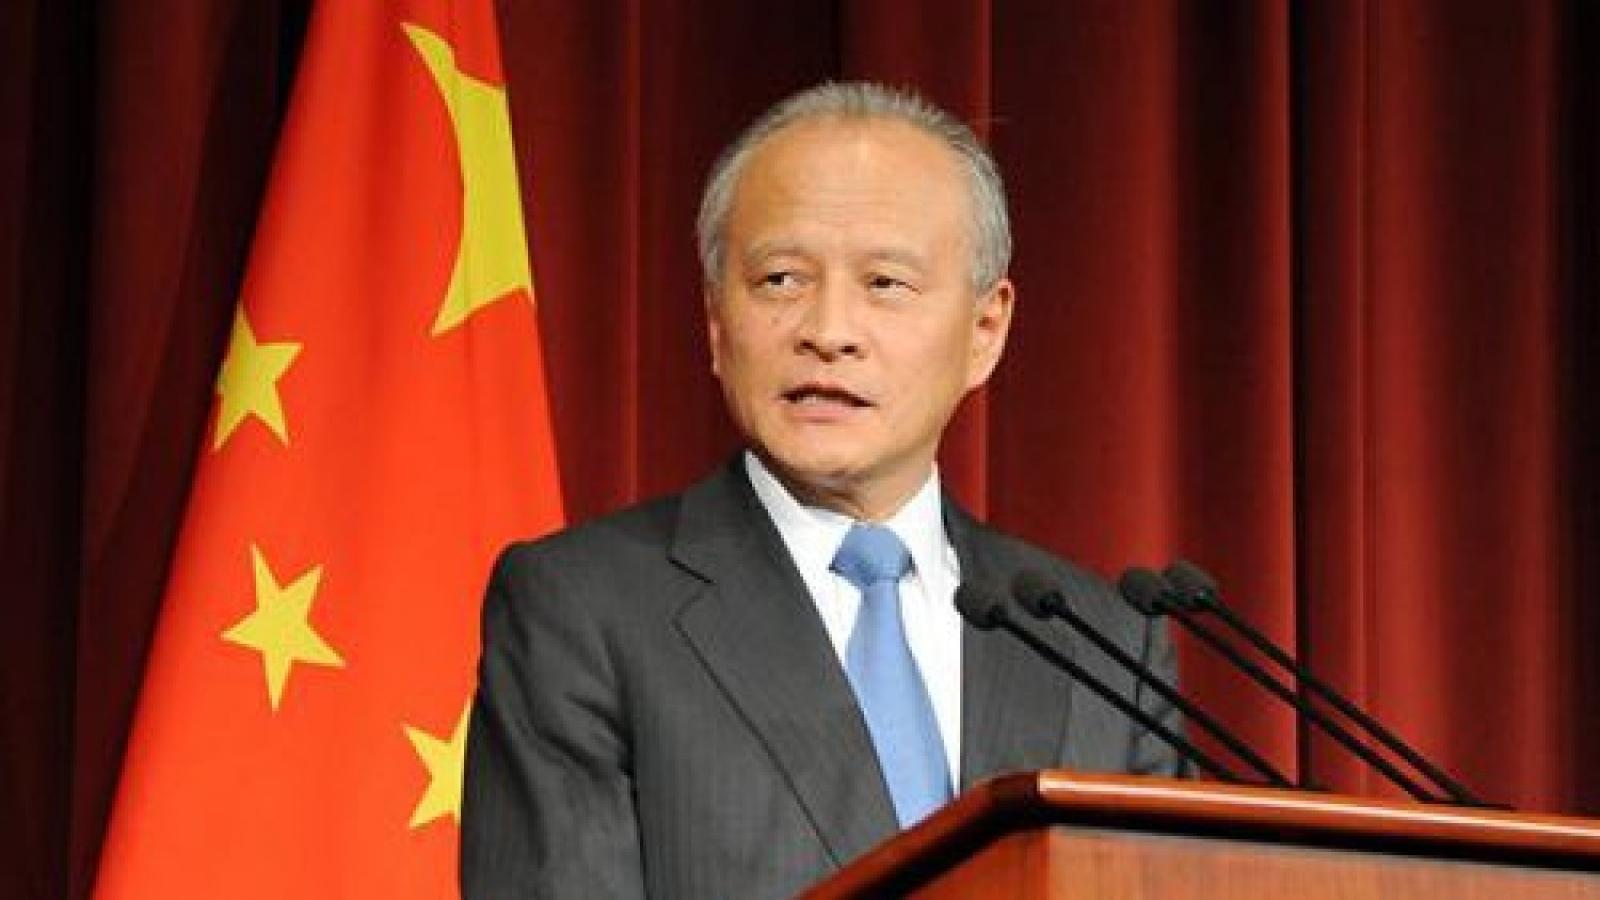 Đại sứ Trung Quốc kêu gọi đưa quan hệ Trung-Mỹ quay trở lại quỹ đạo